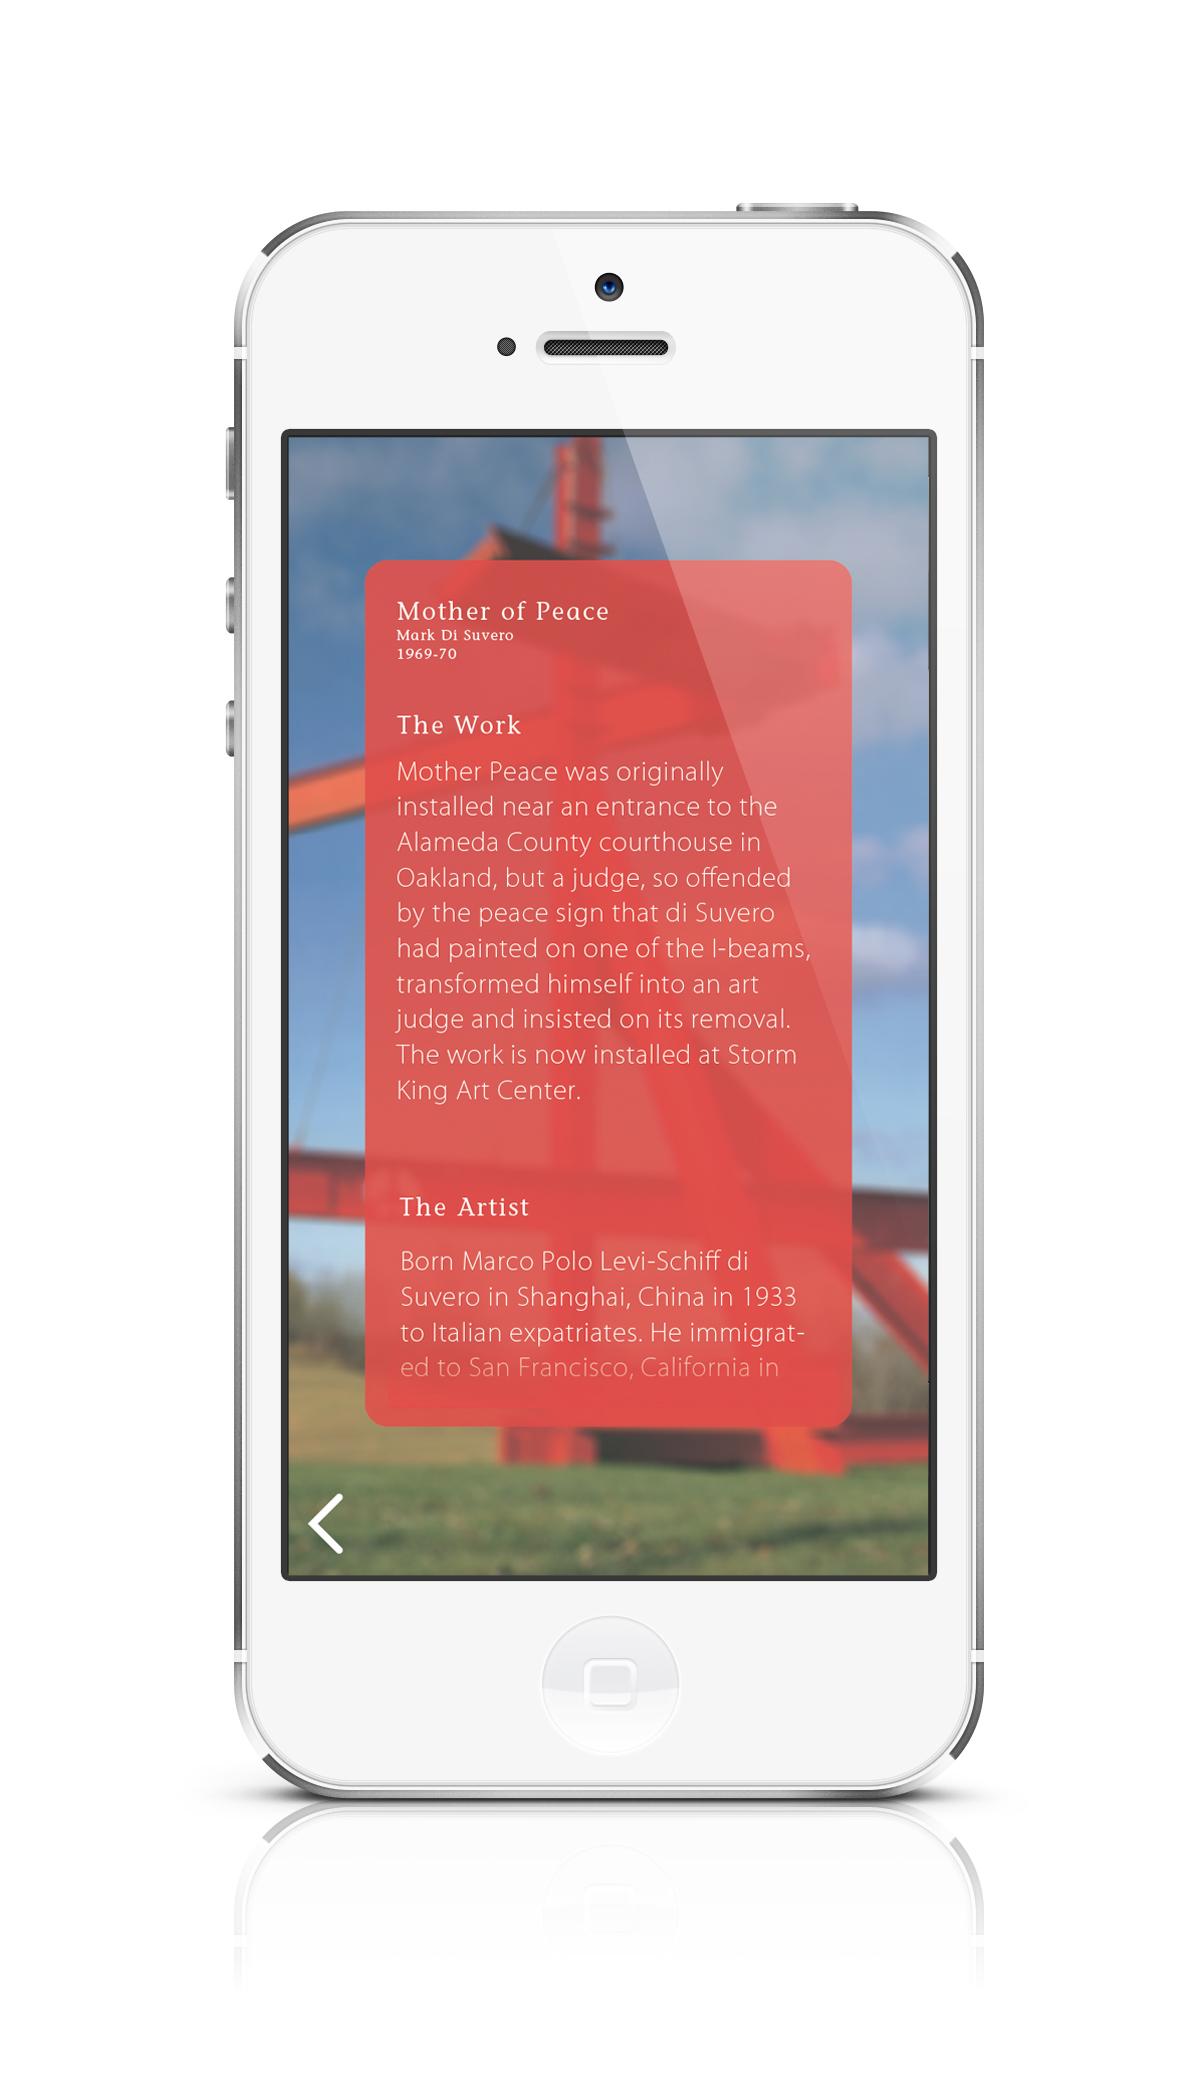 App_Screen_003.jpg